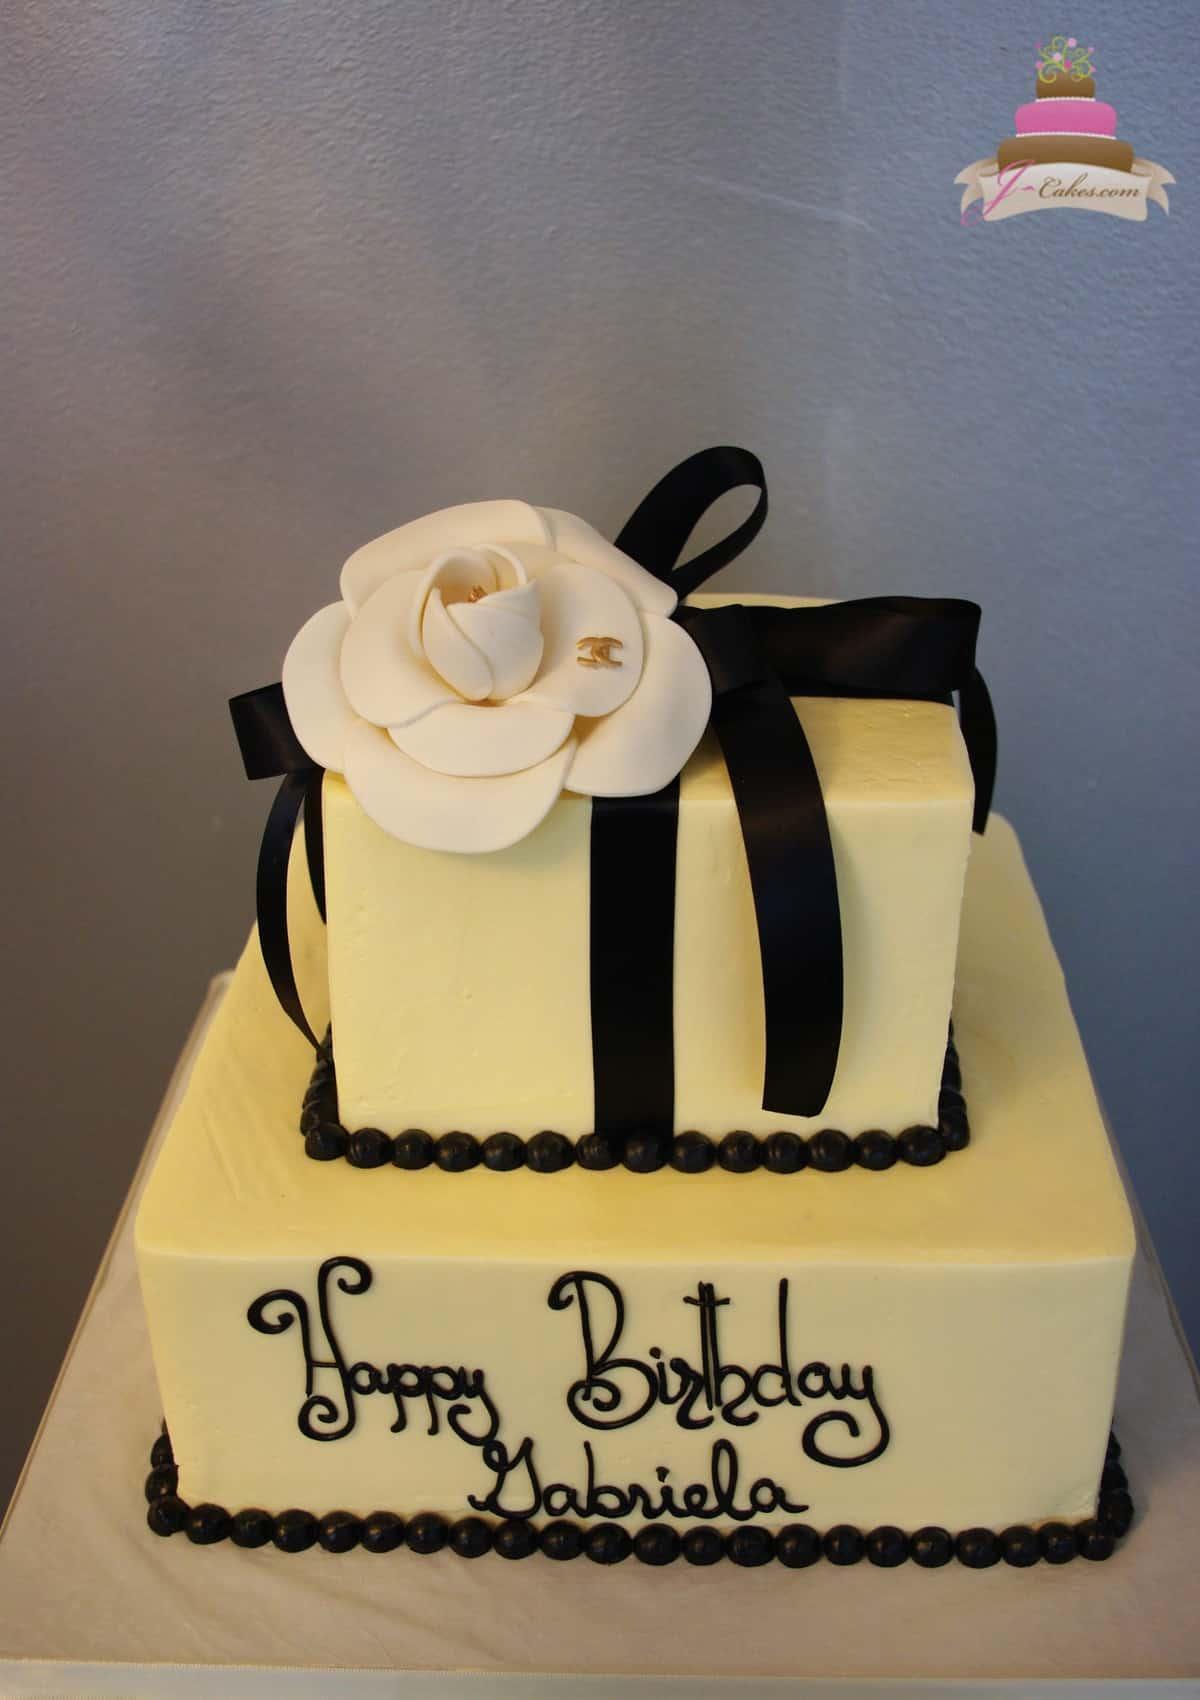 Birthdays - JCakes